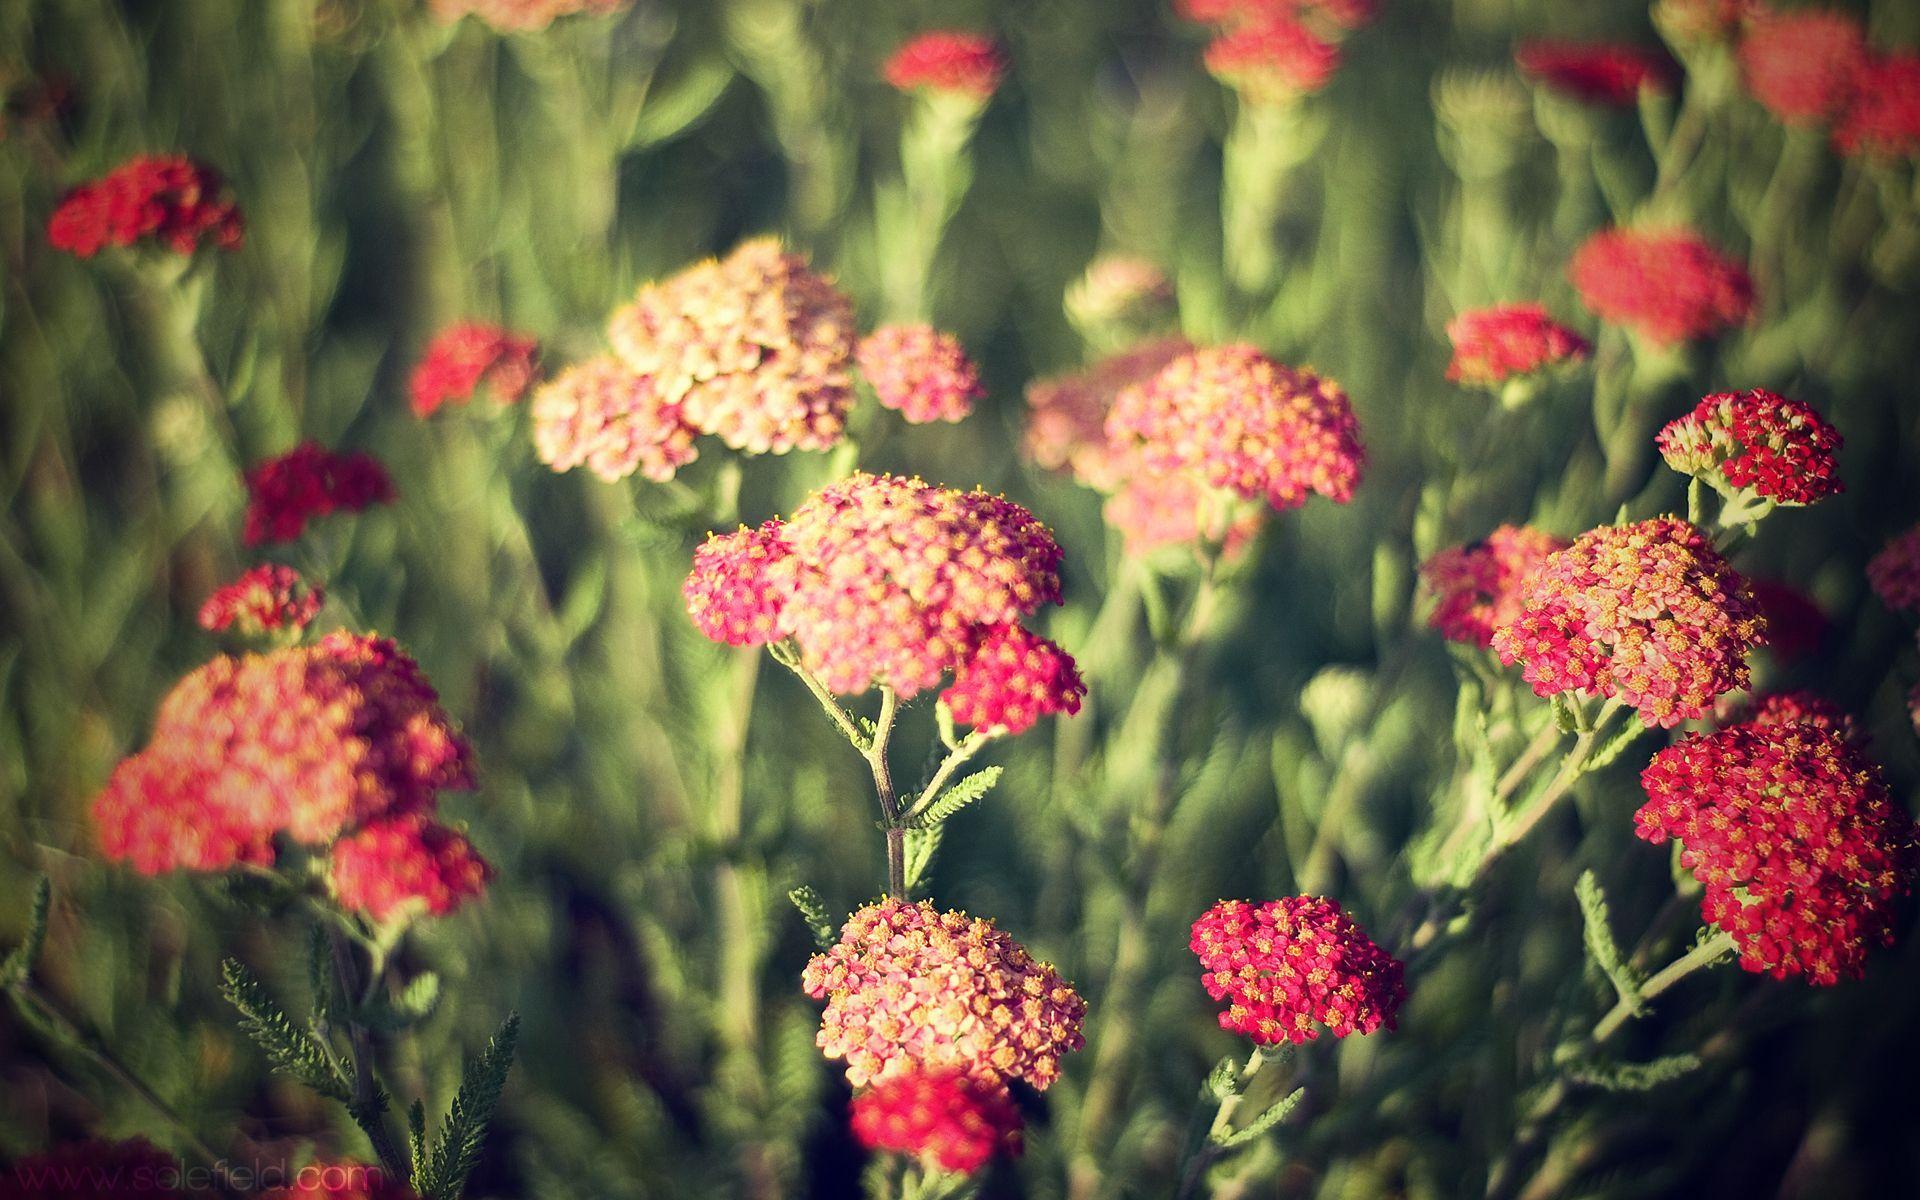 картинки цветов в хорошем качестве: